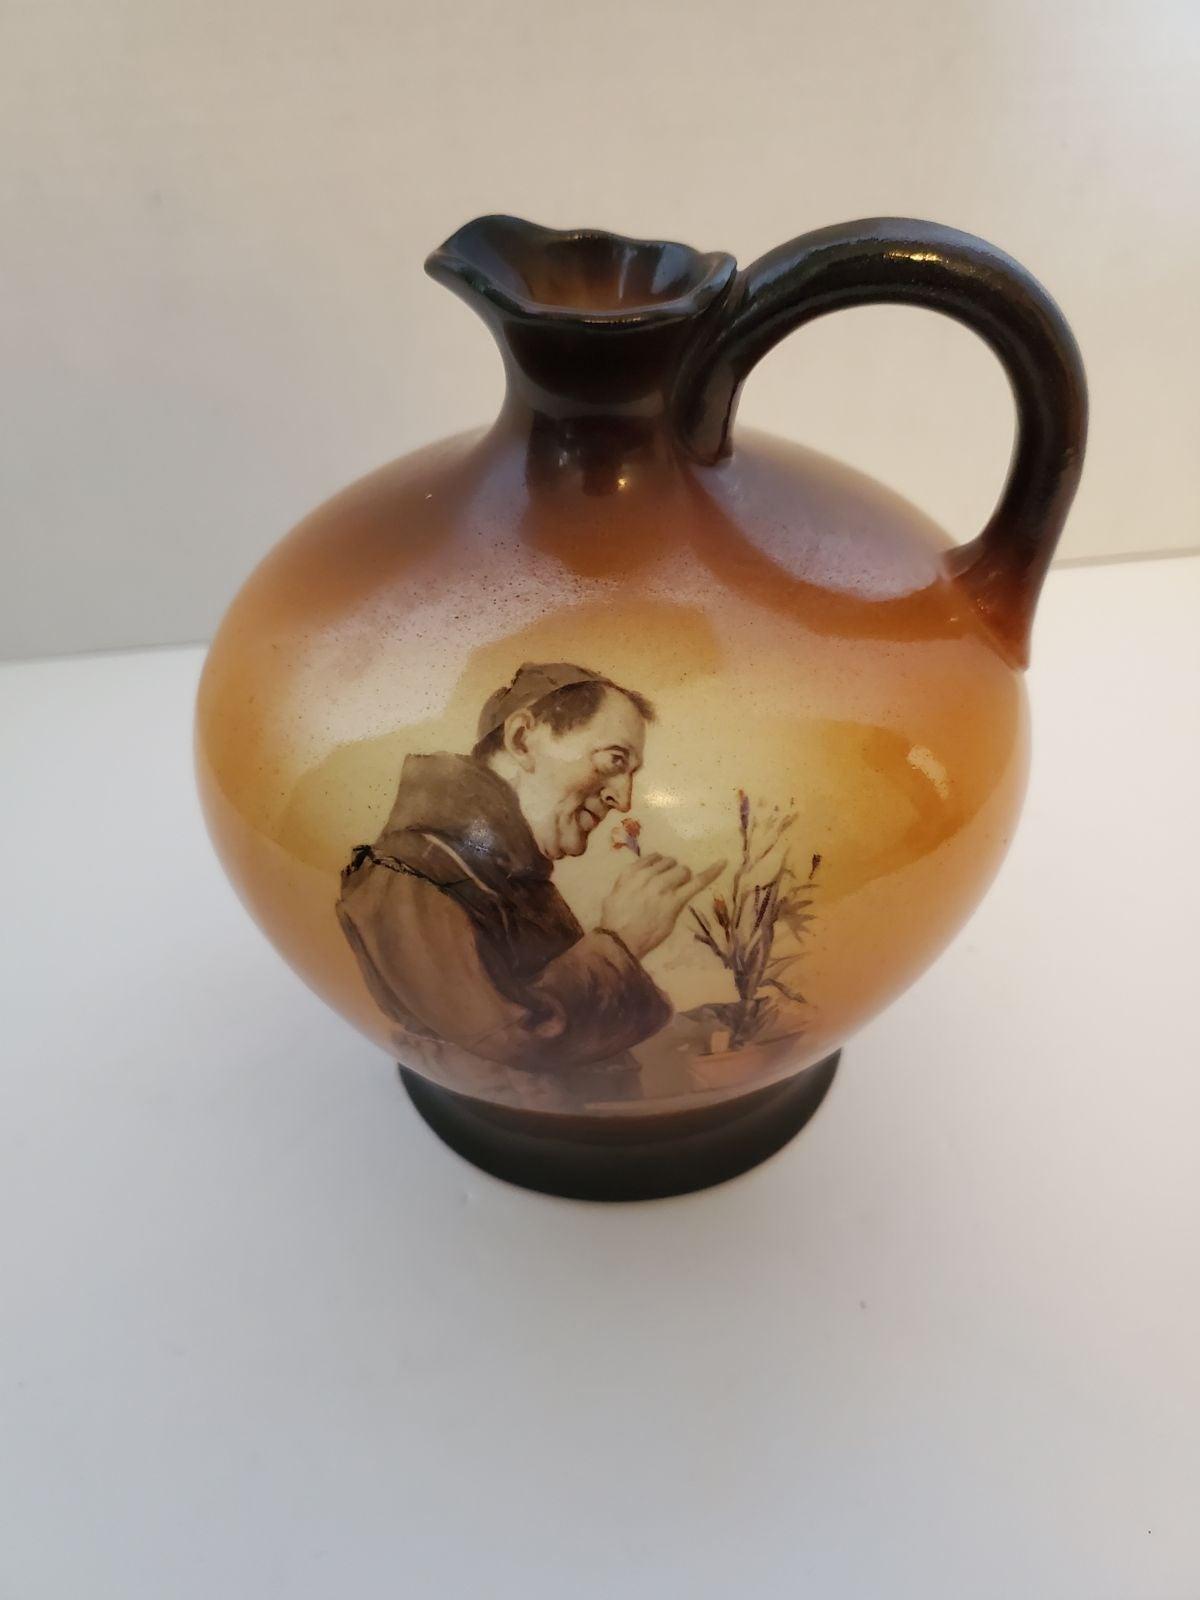 Antique Warwick pitcher/jug